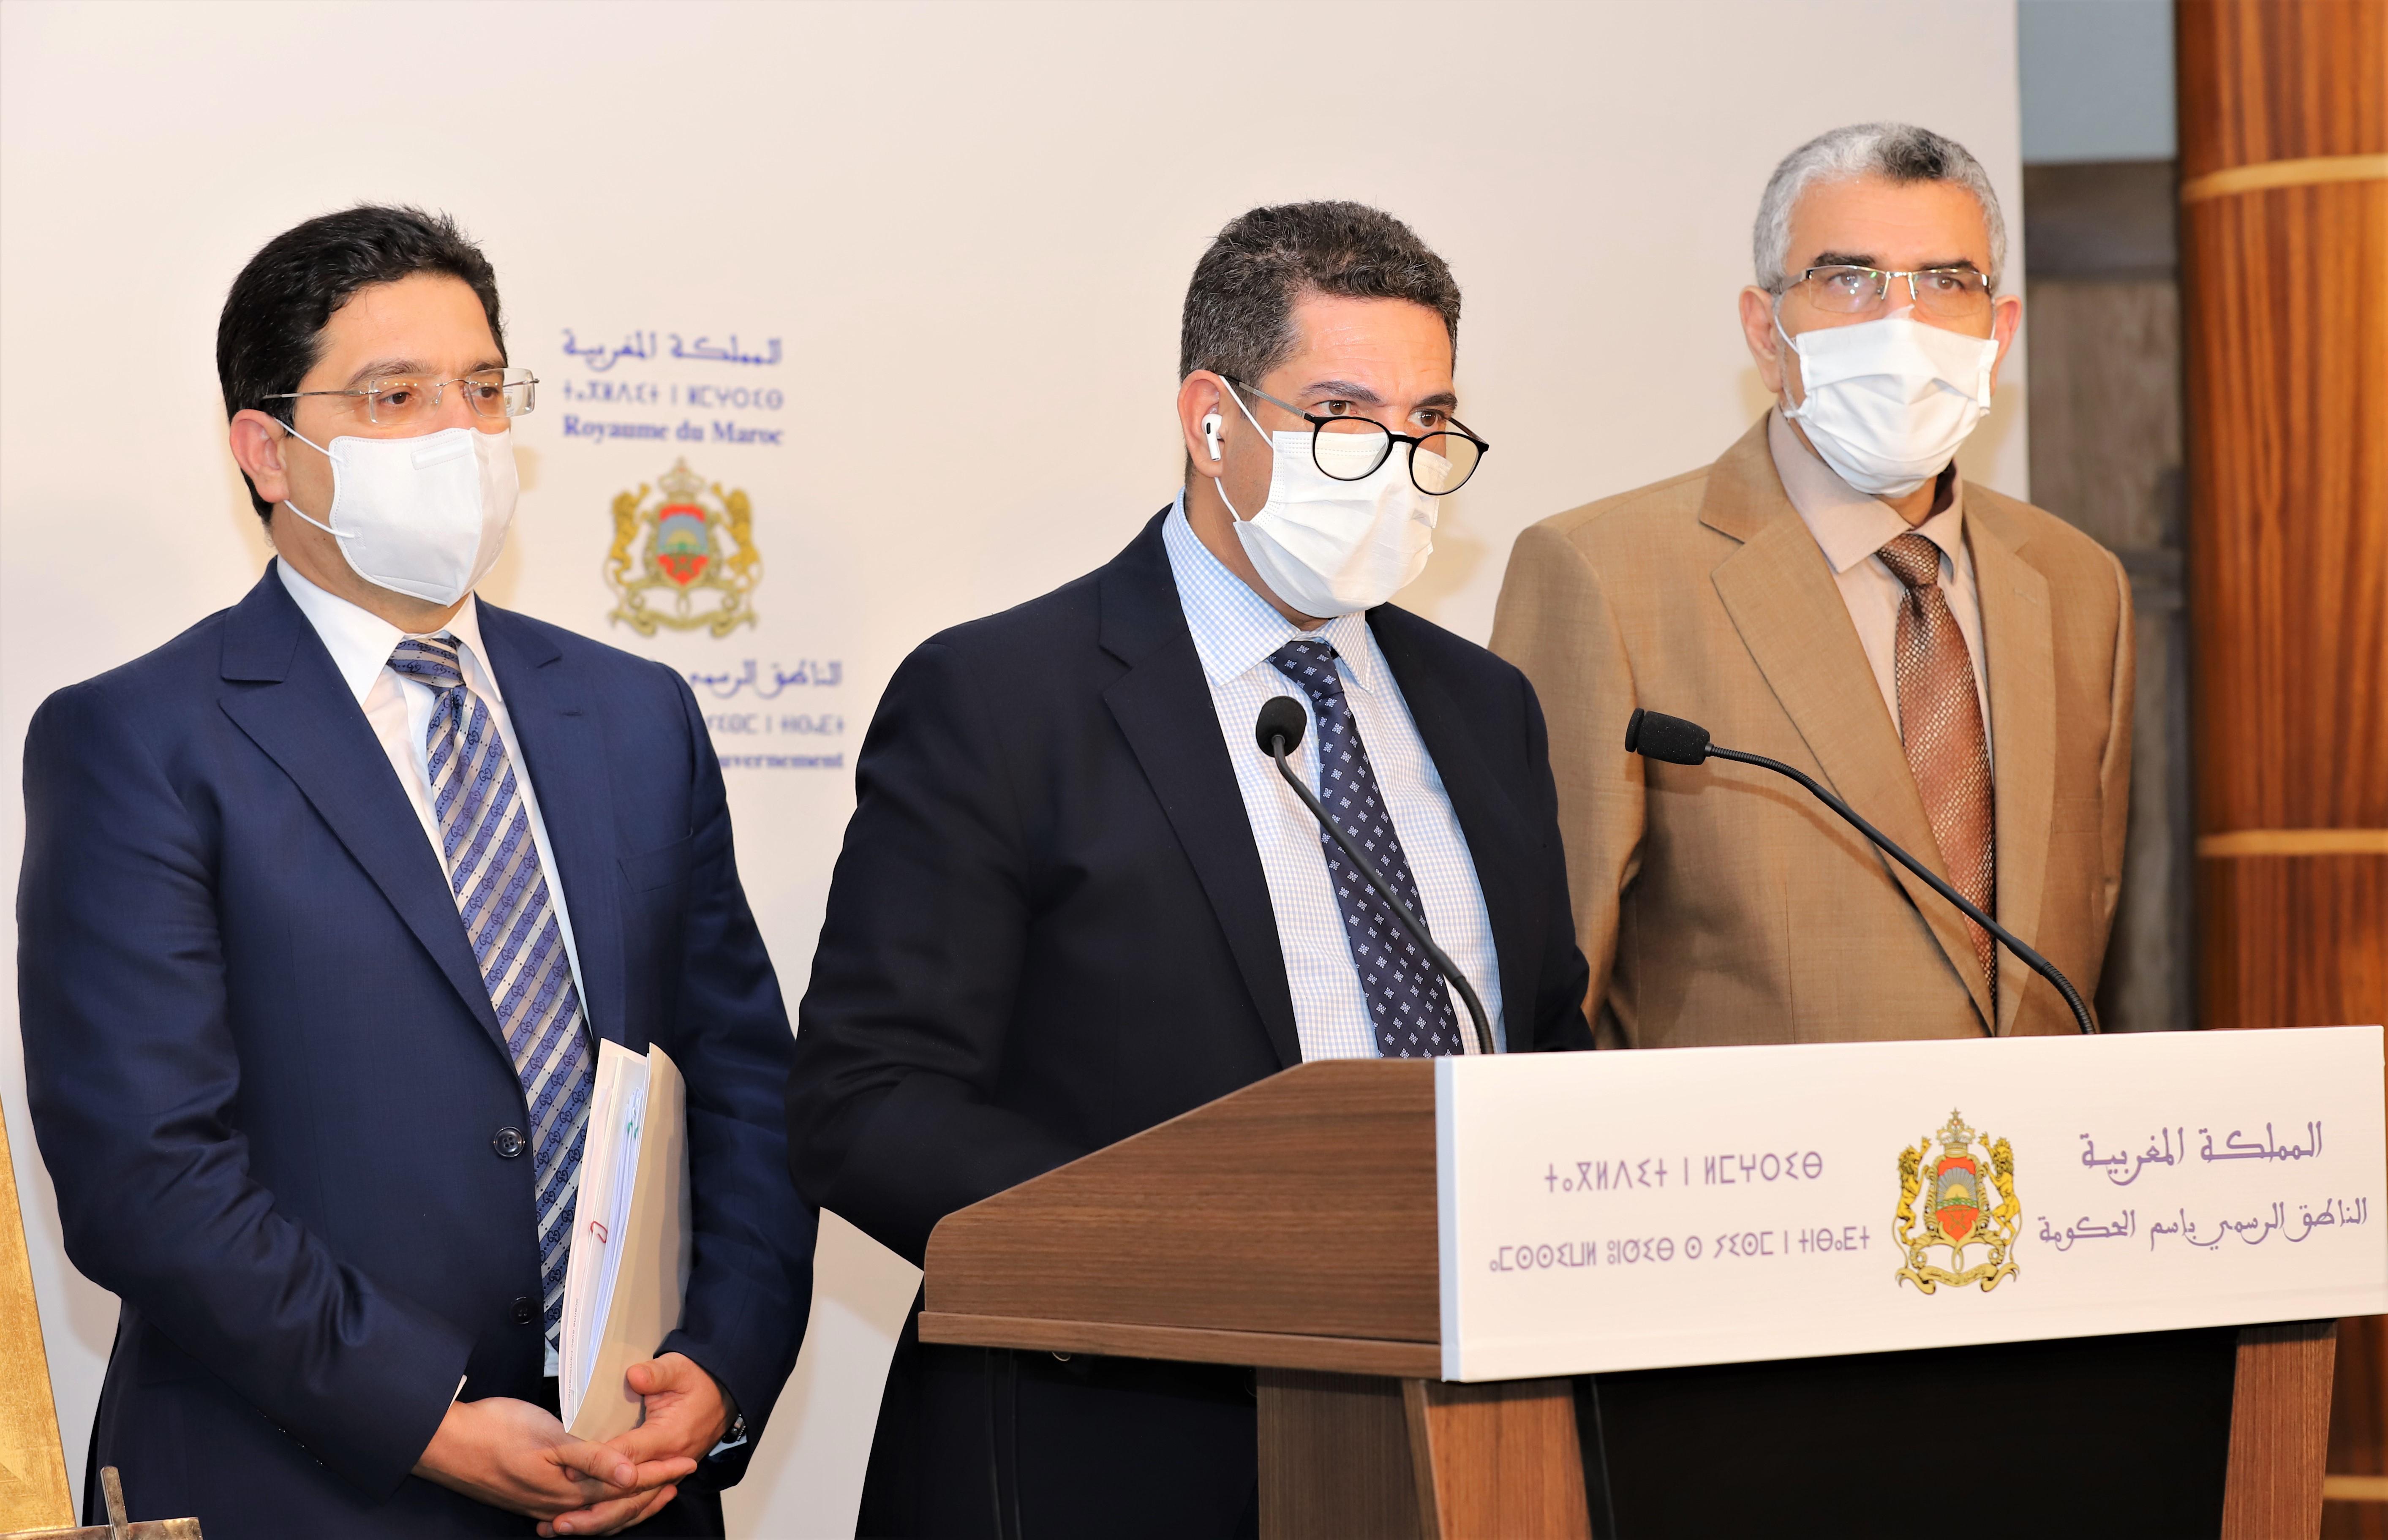 """المملكة المغربية لازالت مُصِرَّة على الحصول على جواب رسمي من """"أمنيستي"""" بخصوص تقريرها الصادر بتاريخ 22 يونيو 2020"""